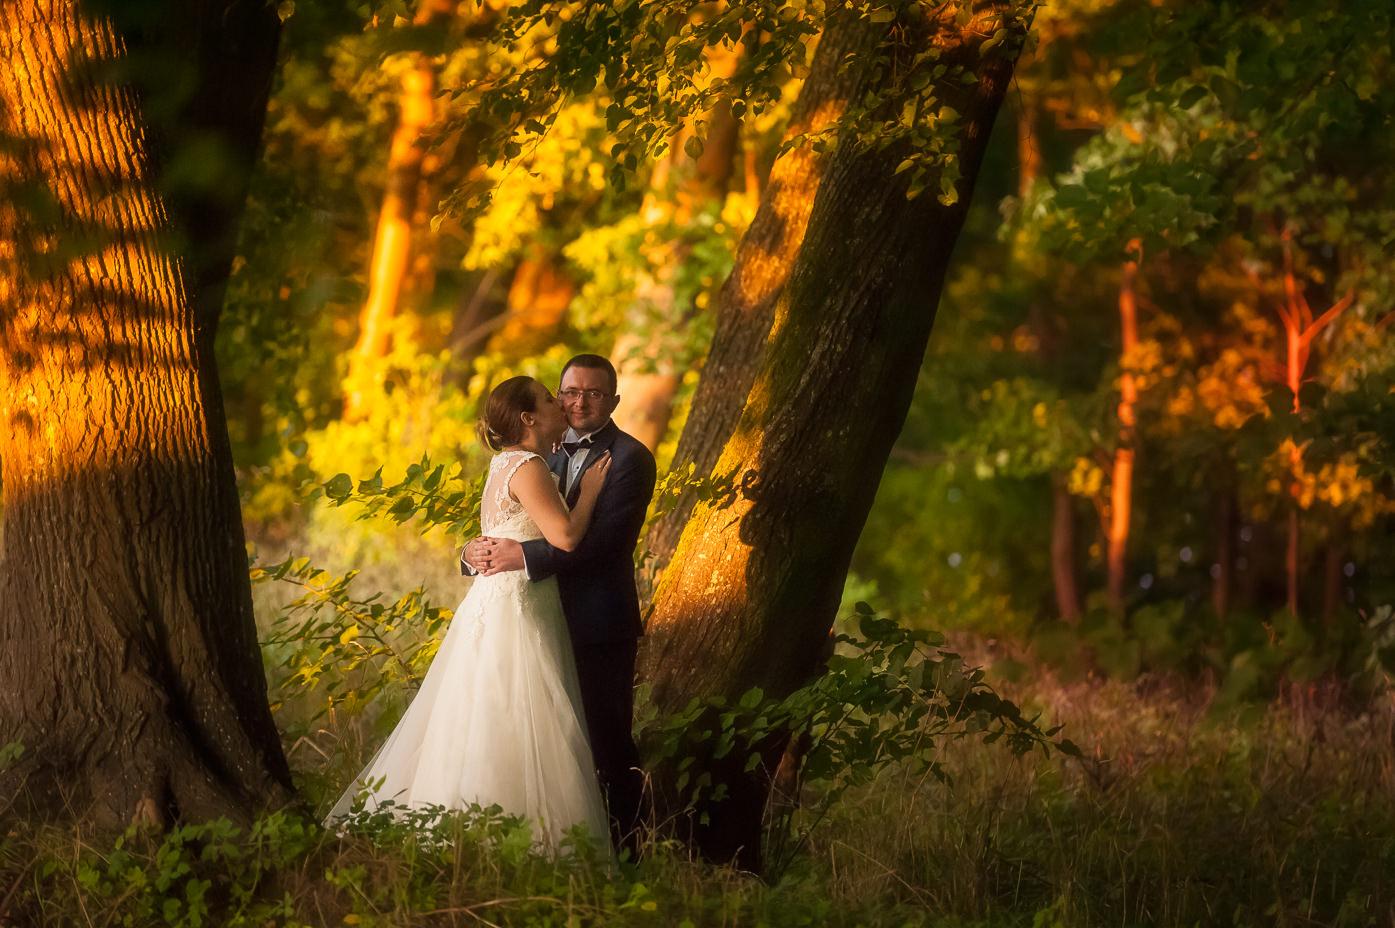 Fotograf Ślubny Gdynia zdjecia ślubne z pasją i pomysłem